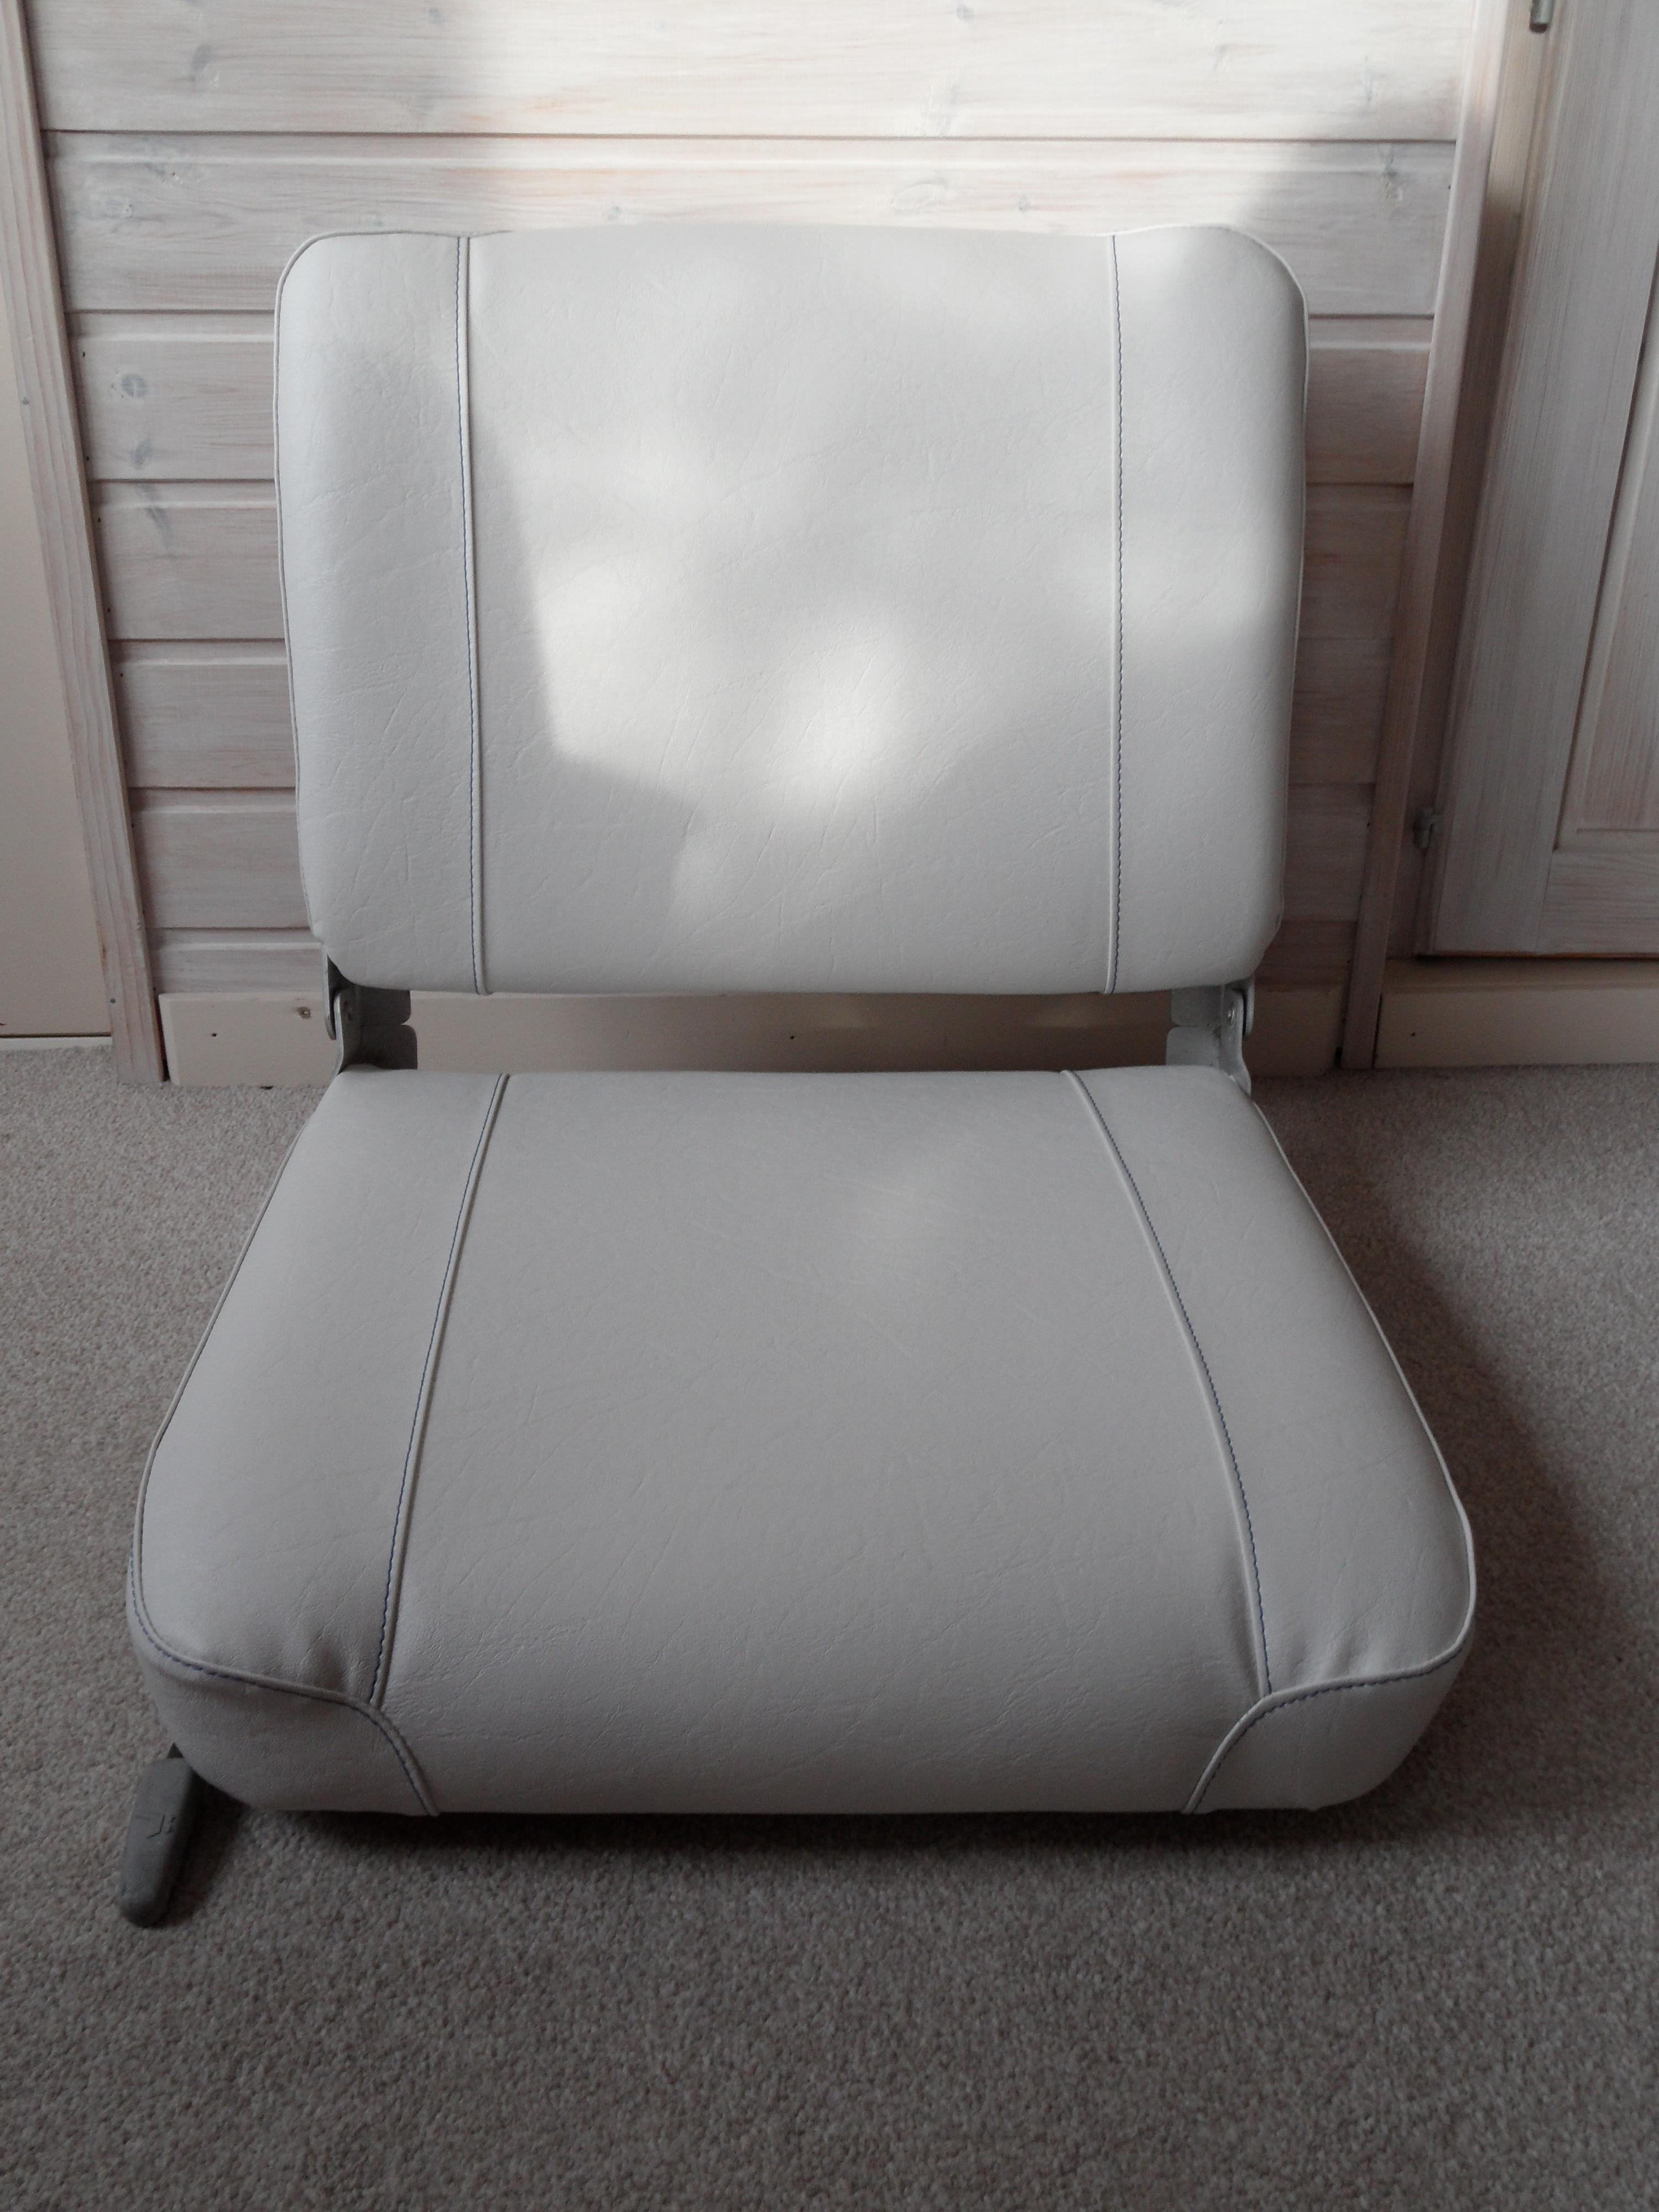 Boot bekleding - bestuurdersstoel